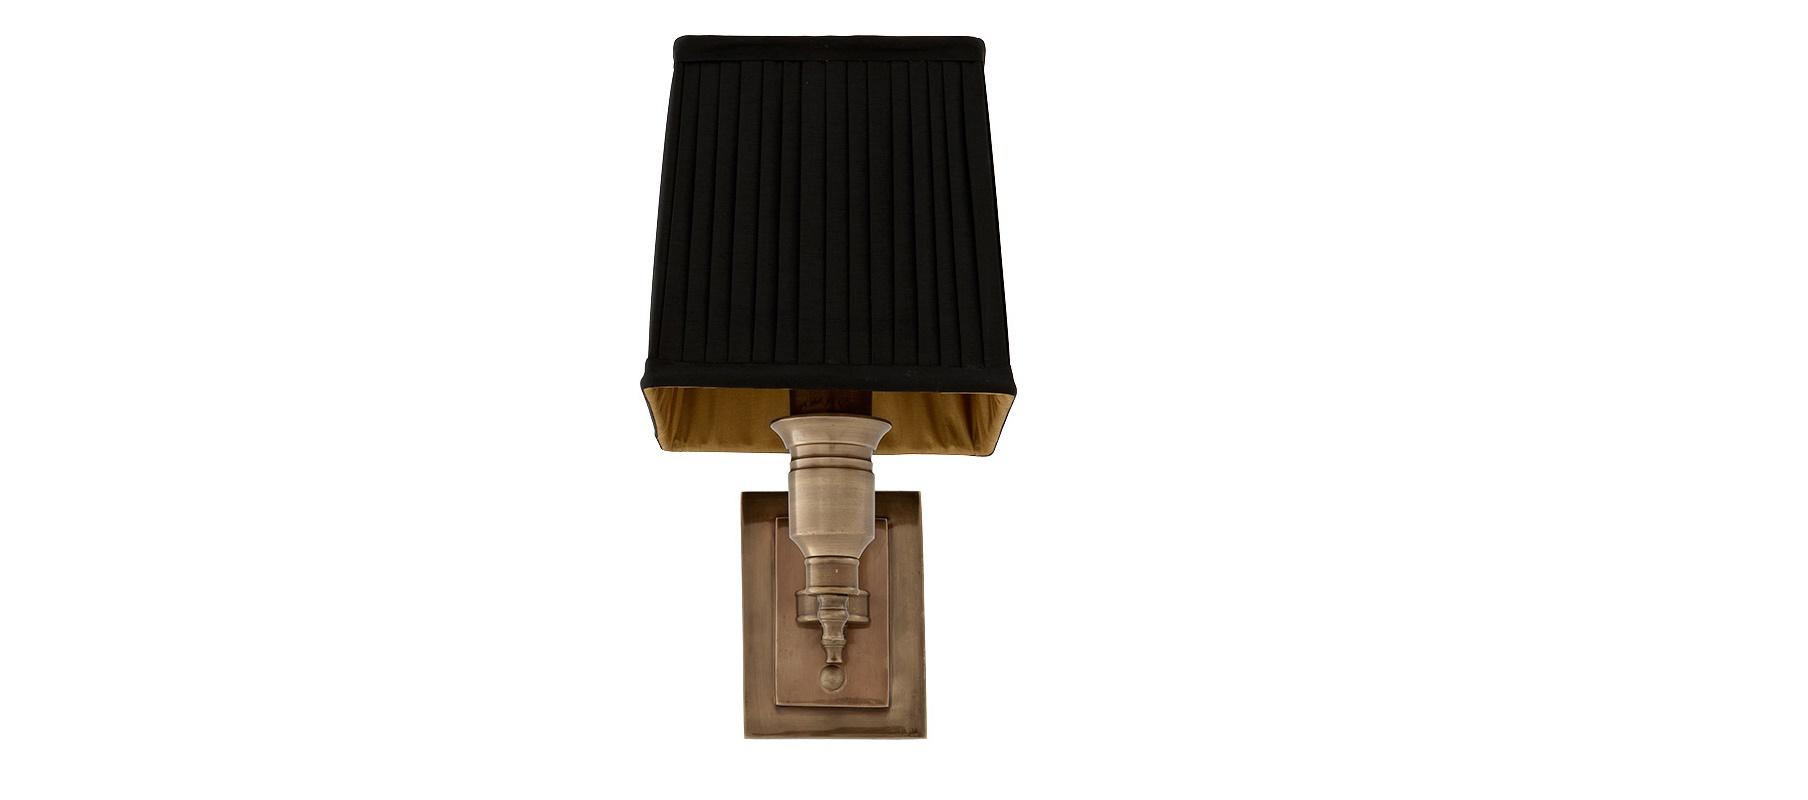 Бра Lexington SingleБра<br>&amp;lt;div&amp;gt;Этот светильник выполнен в лучших традициях английского стиля. Элегантный черный абажур из плиссированной ткани - главное украшение бра. Классические формы в сочетании с латунным основанием из металла создают строгий образ. Lexington Single, как истинный &amp;quot;британец&amp;quot;, консервативен и благороден. Его аристократичный силуэт придаст интерьеру внутреннюю сдержанность.&amp;lt;br&amp;gt;&amp;lt;/div&amp;gt;&amp;lt;div&amp;gt;&amp;lt;br&amp;gt;&amp;lt;/div&amp;gt;&amp;lt;div&amp;gt;Количество лампочек: 1&amp;lt;/div&amp;gt;&amp;lt;div&amp;gt;Мощность: 1&amp;lt;span class=&amp;quot;Apple-tab-span&amp;quot; style=&amp;quot;white-space:pre&amp;quot;&amp;gt;&amp;lt;/span&amp;gt;x 40 Вт&amp;lt;/div&amp;gt;&amp;lt;div&amp;gt;Тип лампы: НАКАЛИВАНИЯ, E14&amp;lt;/div&amp;gt;<br><br>Material: Металл<br>Width см: 27<br>Depth см: 14<br>Height см: 22